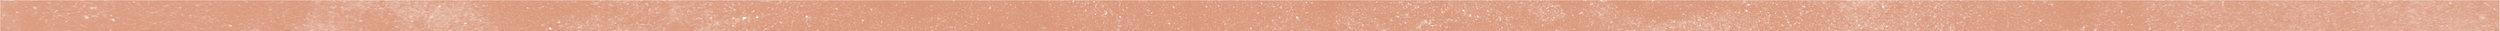 StuccoTexture-Strip-02.jpg